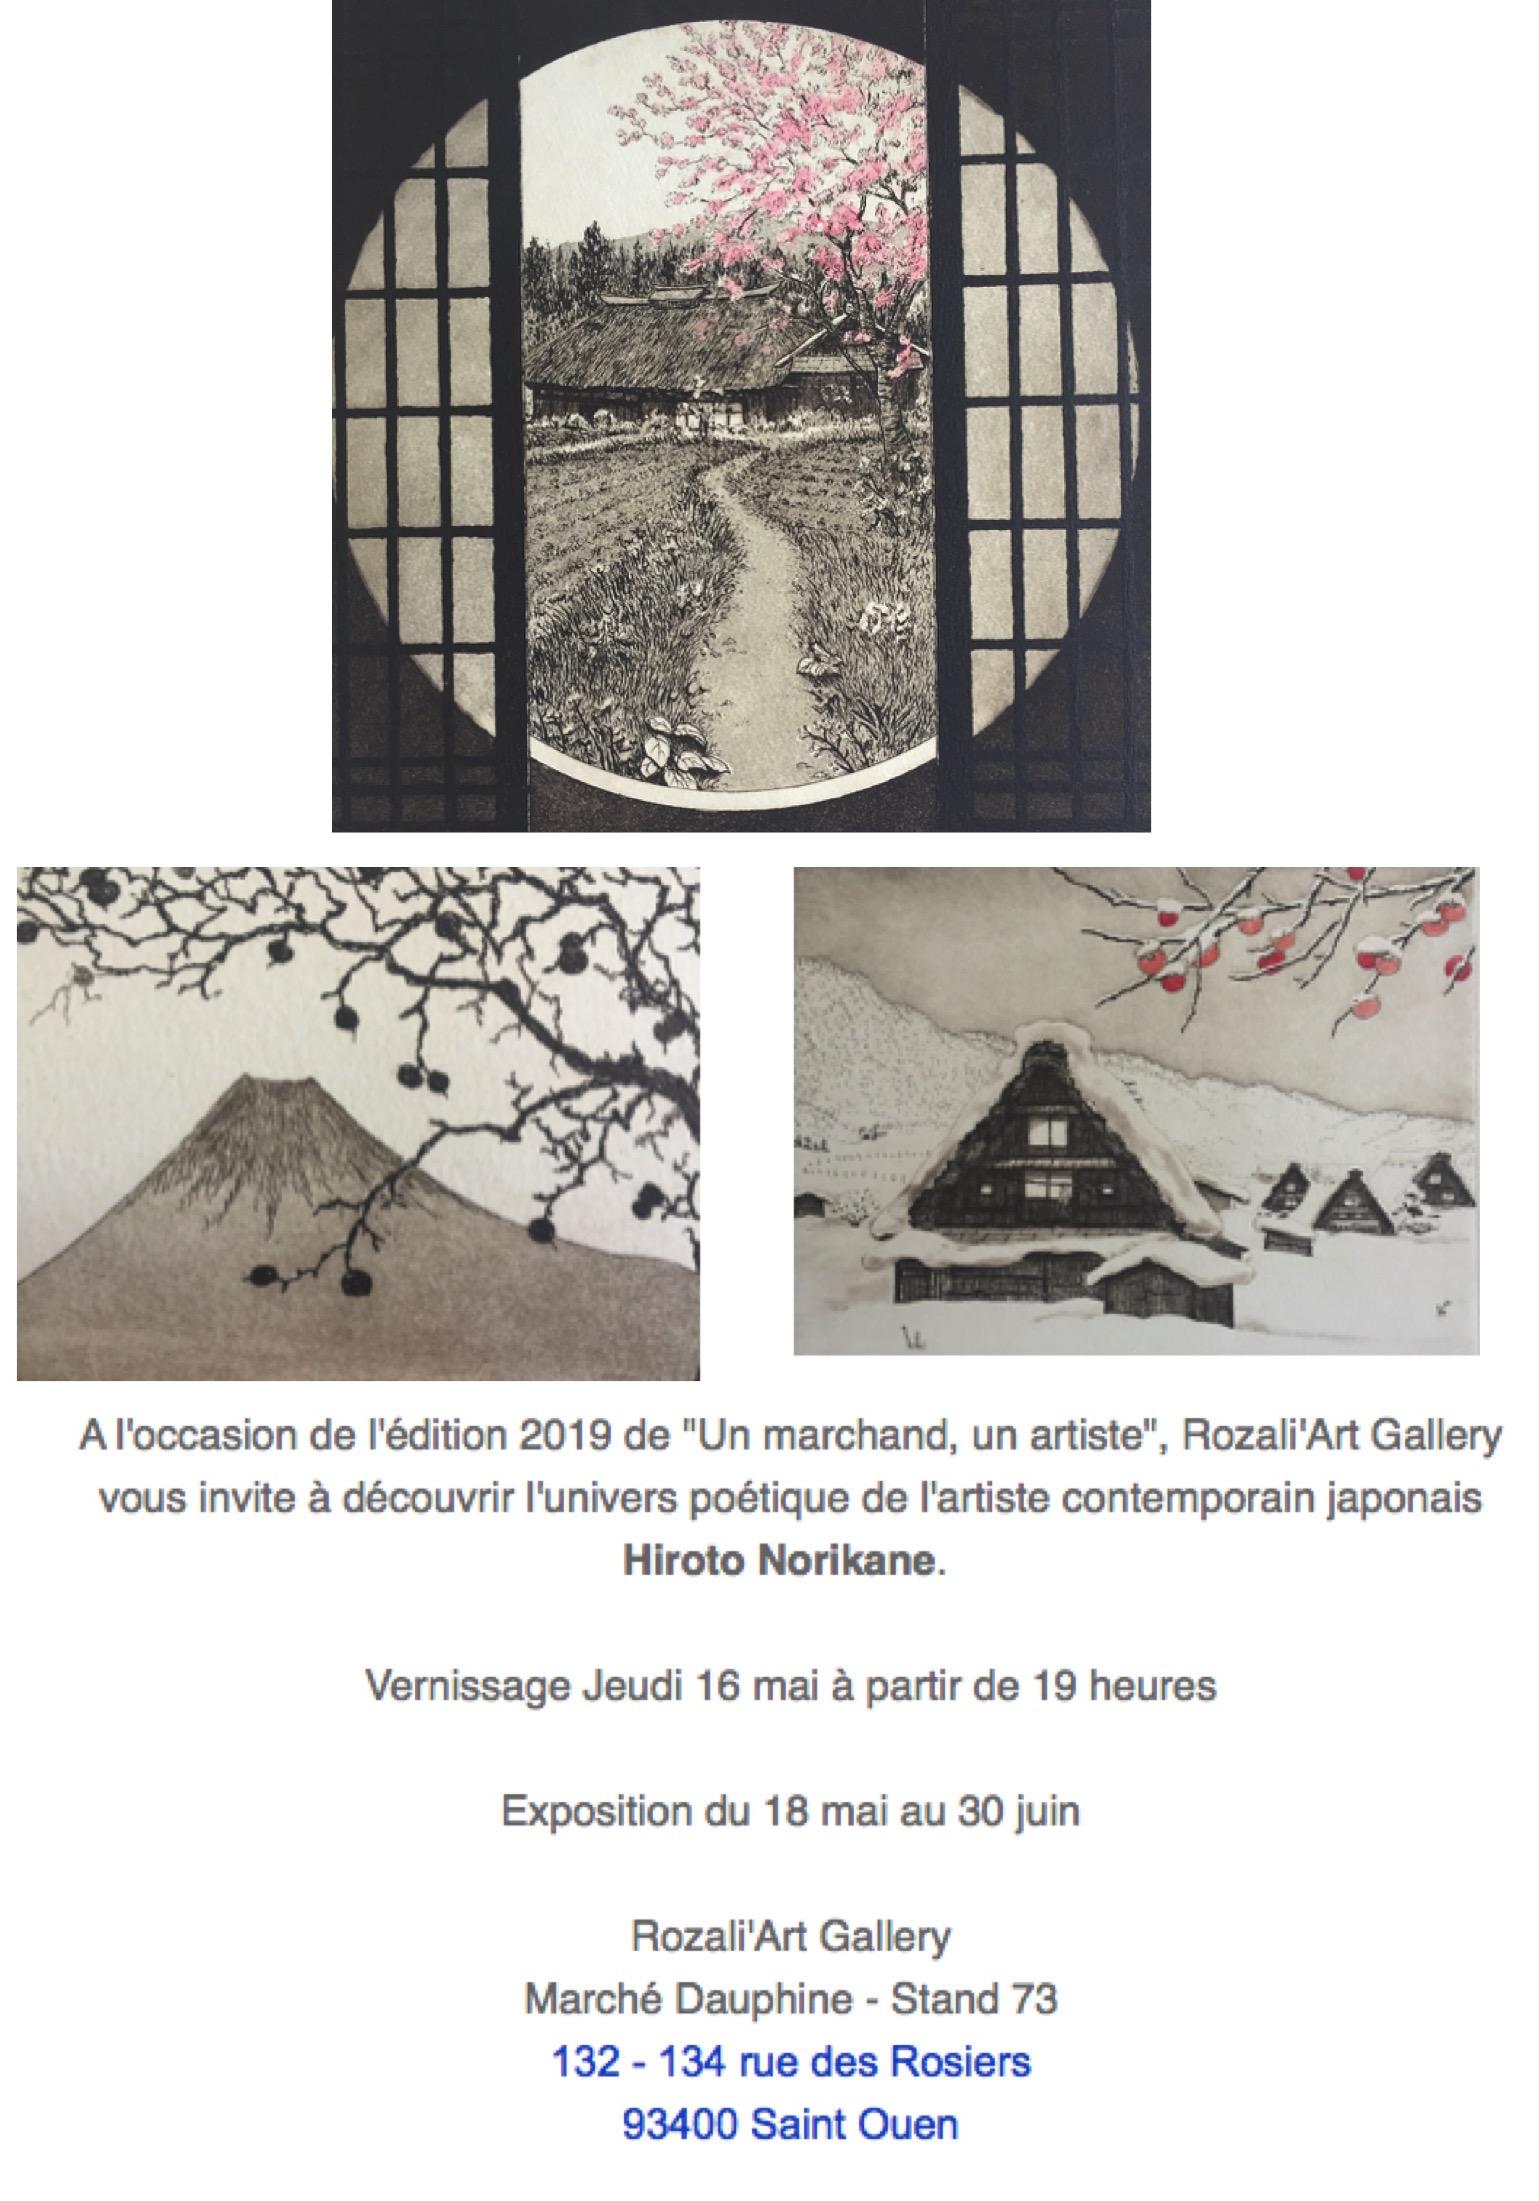 invitation exposition artiste japonais contemporain d'estampes japonaises Hiroto Norikane